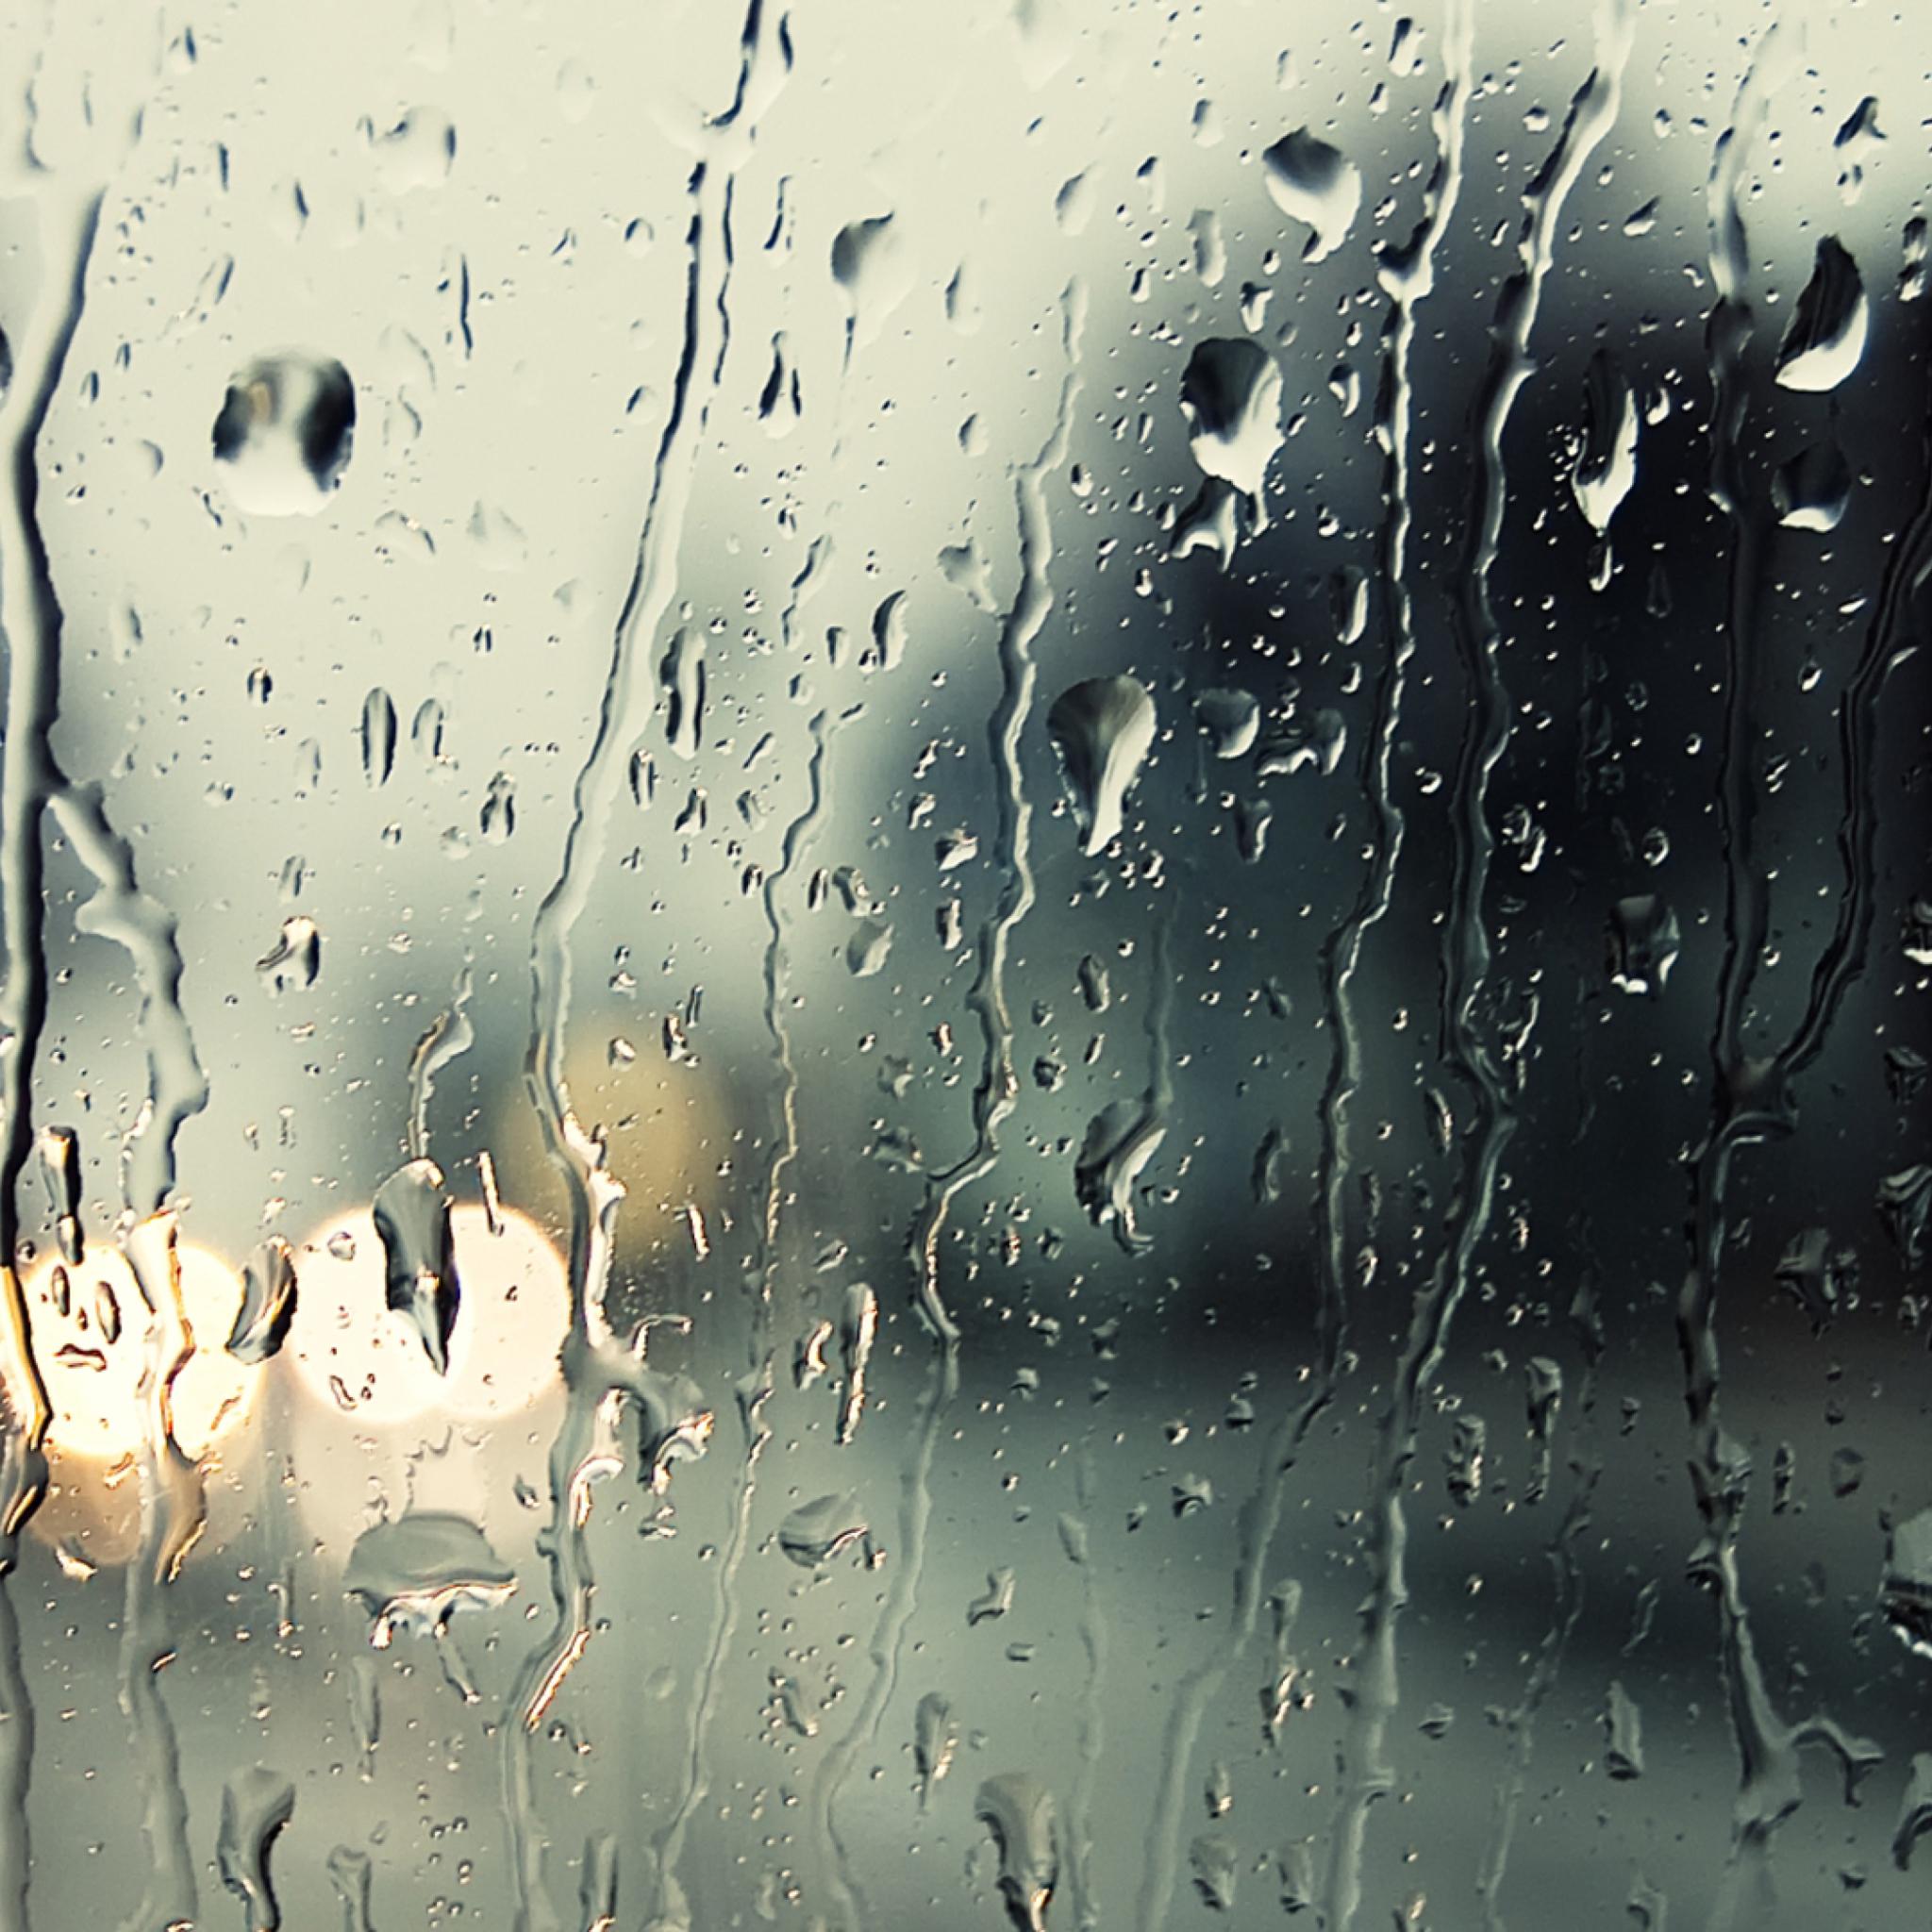 Дождь за окном картинки анимация